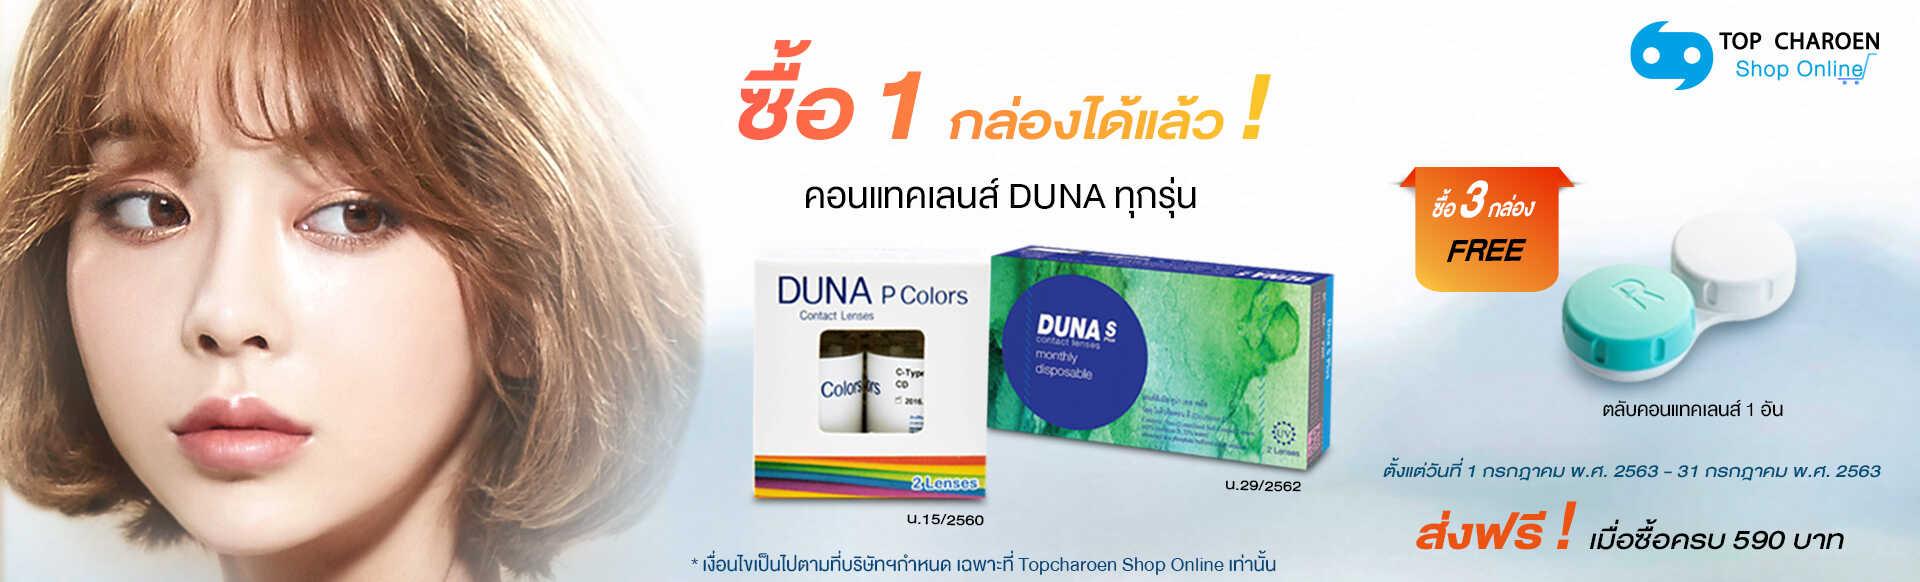 คอนแทคเลนส์ DUNA ทุกรุ่น ลด 5% FREE! ตลับคอนแทคเลนส์